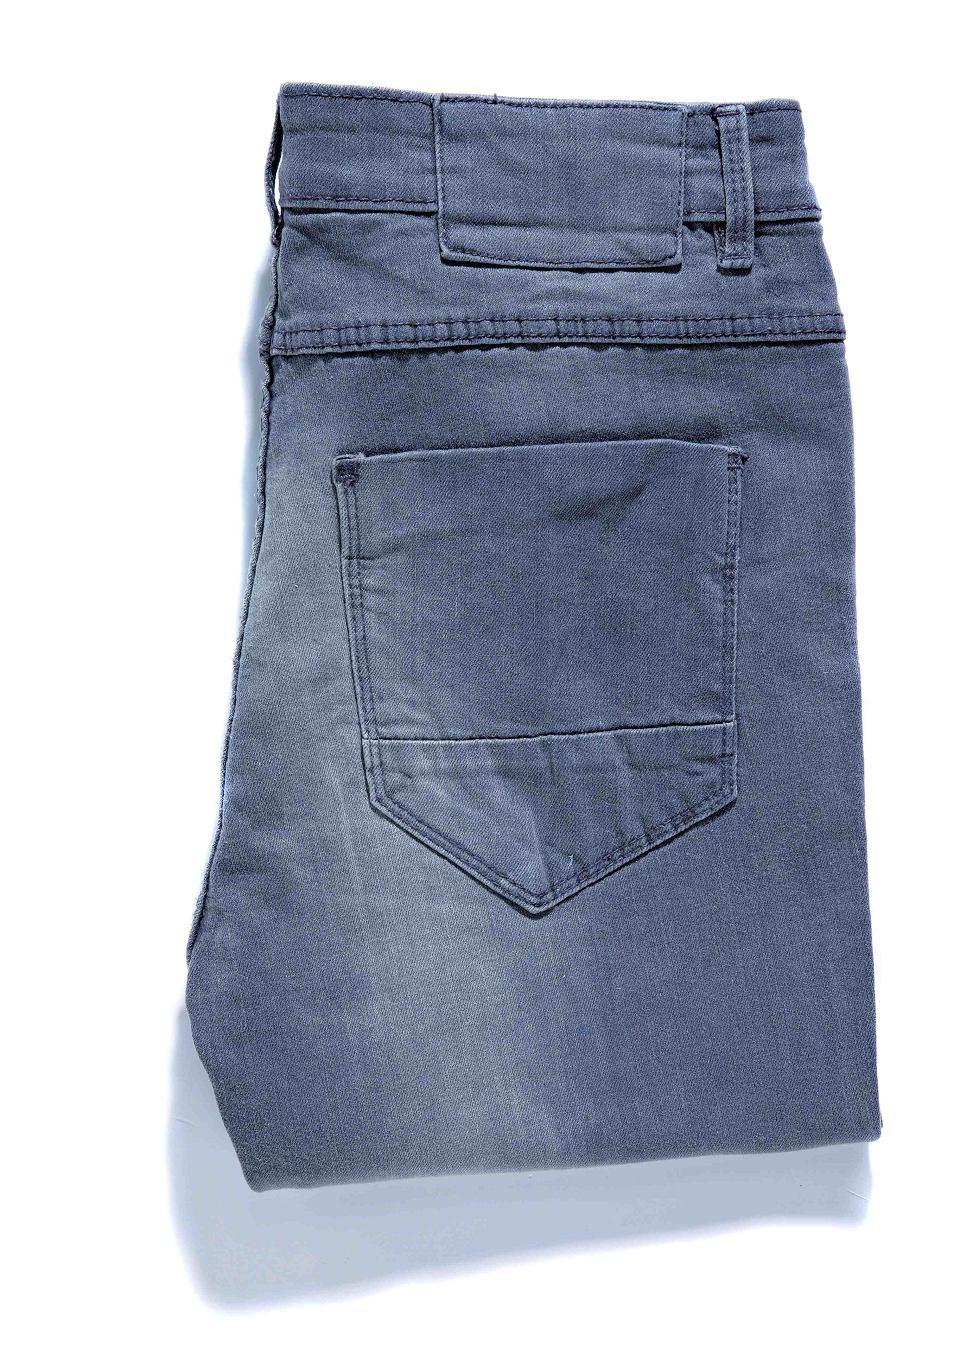 Zdjęcie numer 10 w galerii - Jasne dżinsy: zobacz najmodniejsze wzory